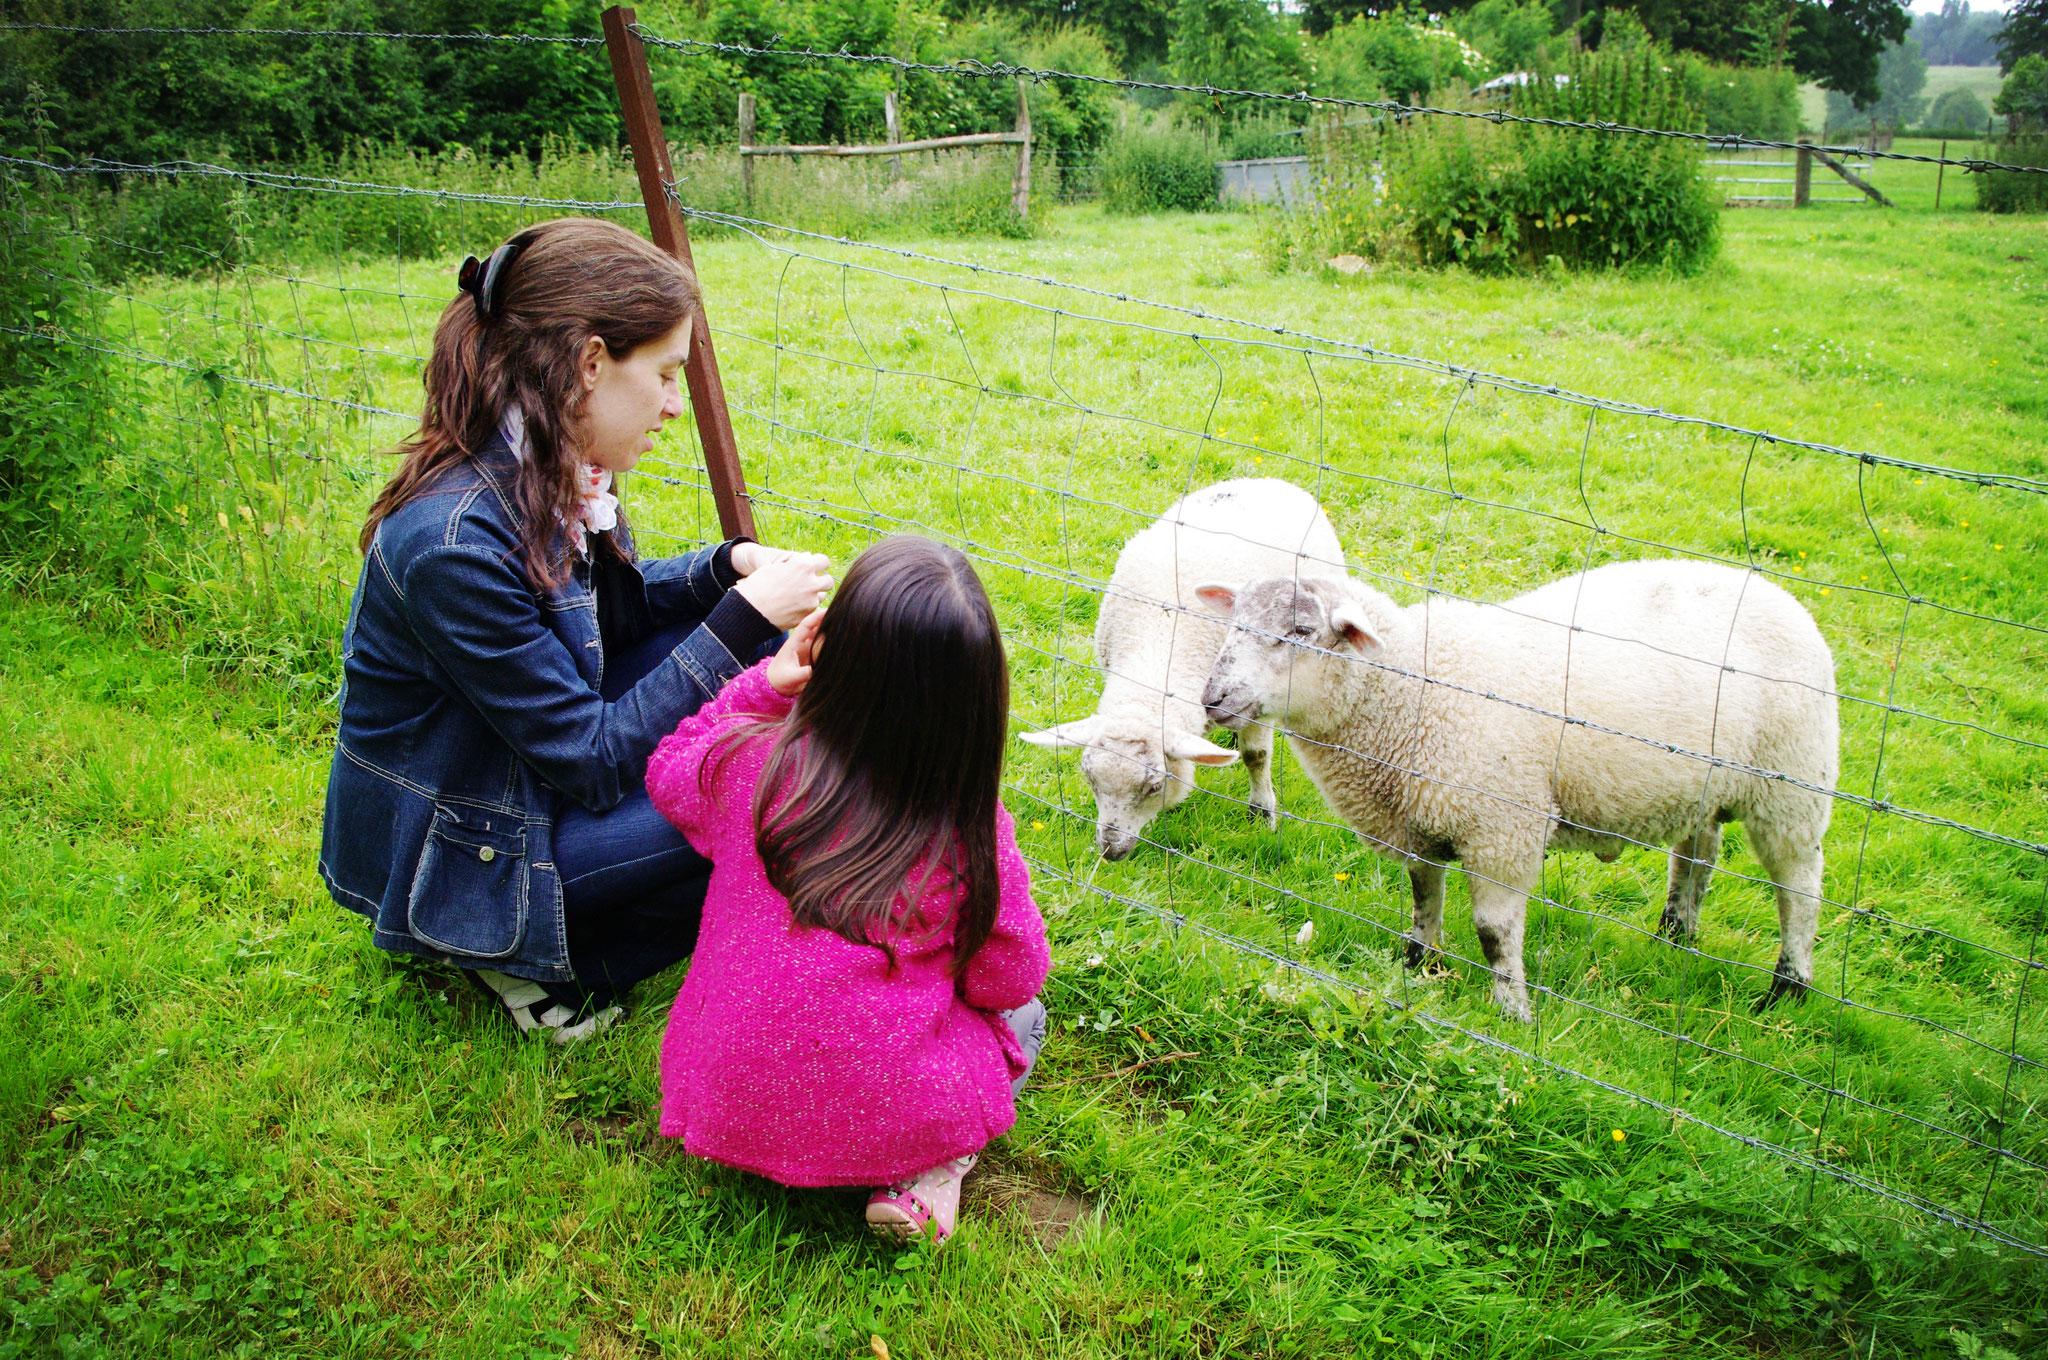 Profiter votre séjour avec votre famille dans la nature en Baie de Somme